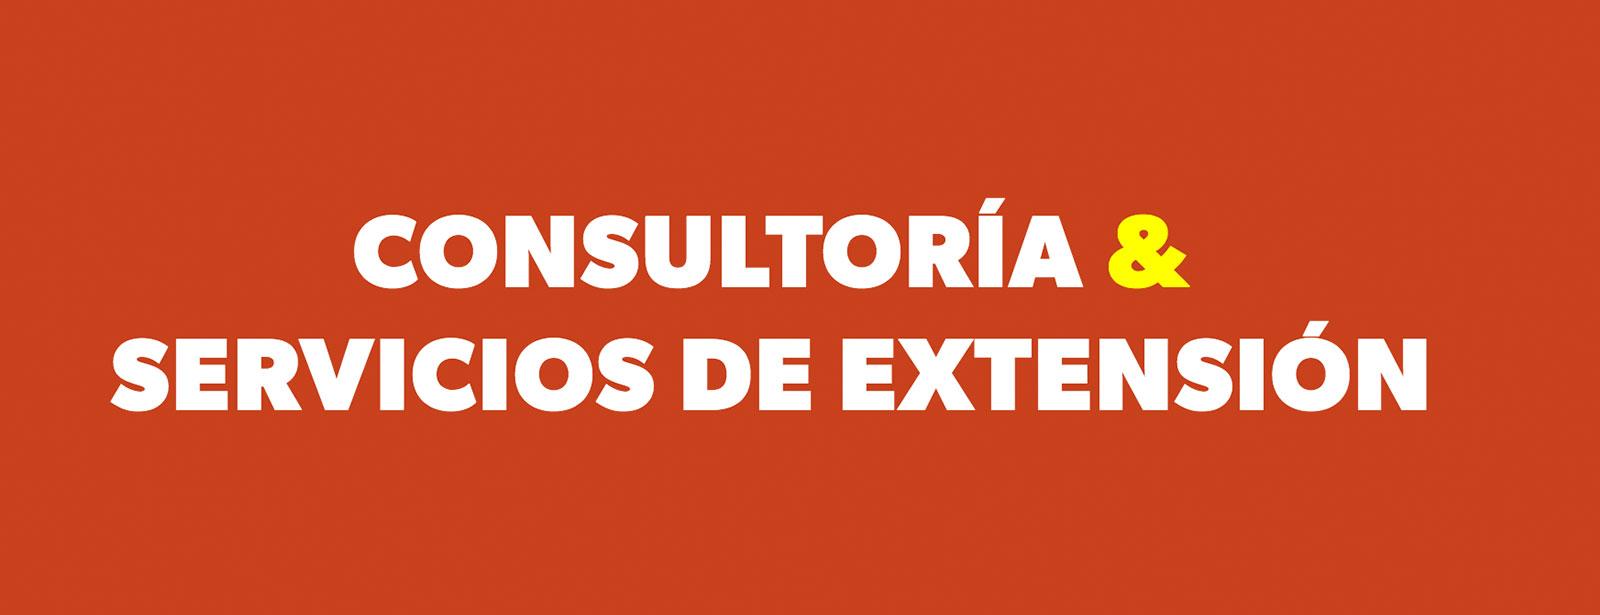 Consultoría y servicios de extensión de la Universidad de los Andes